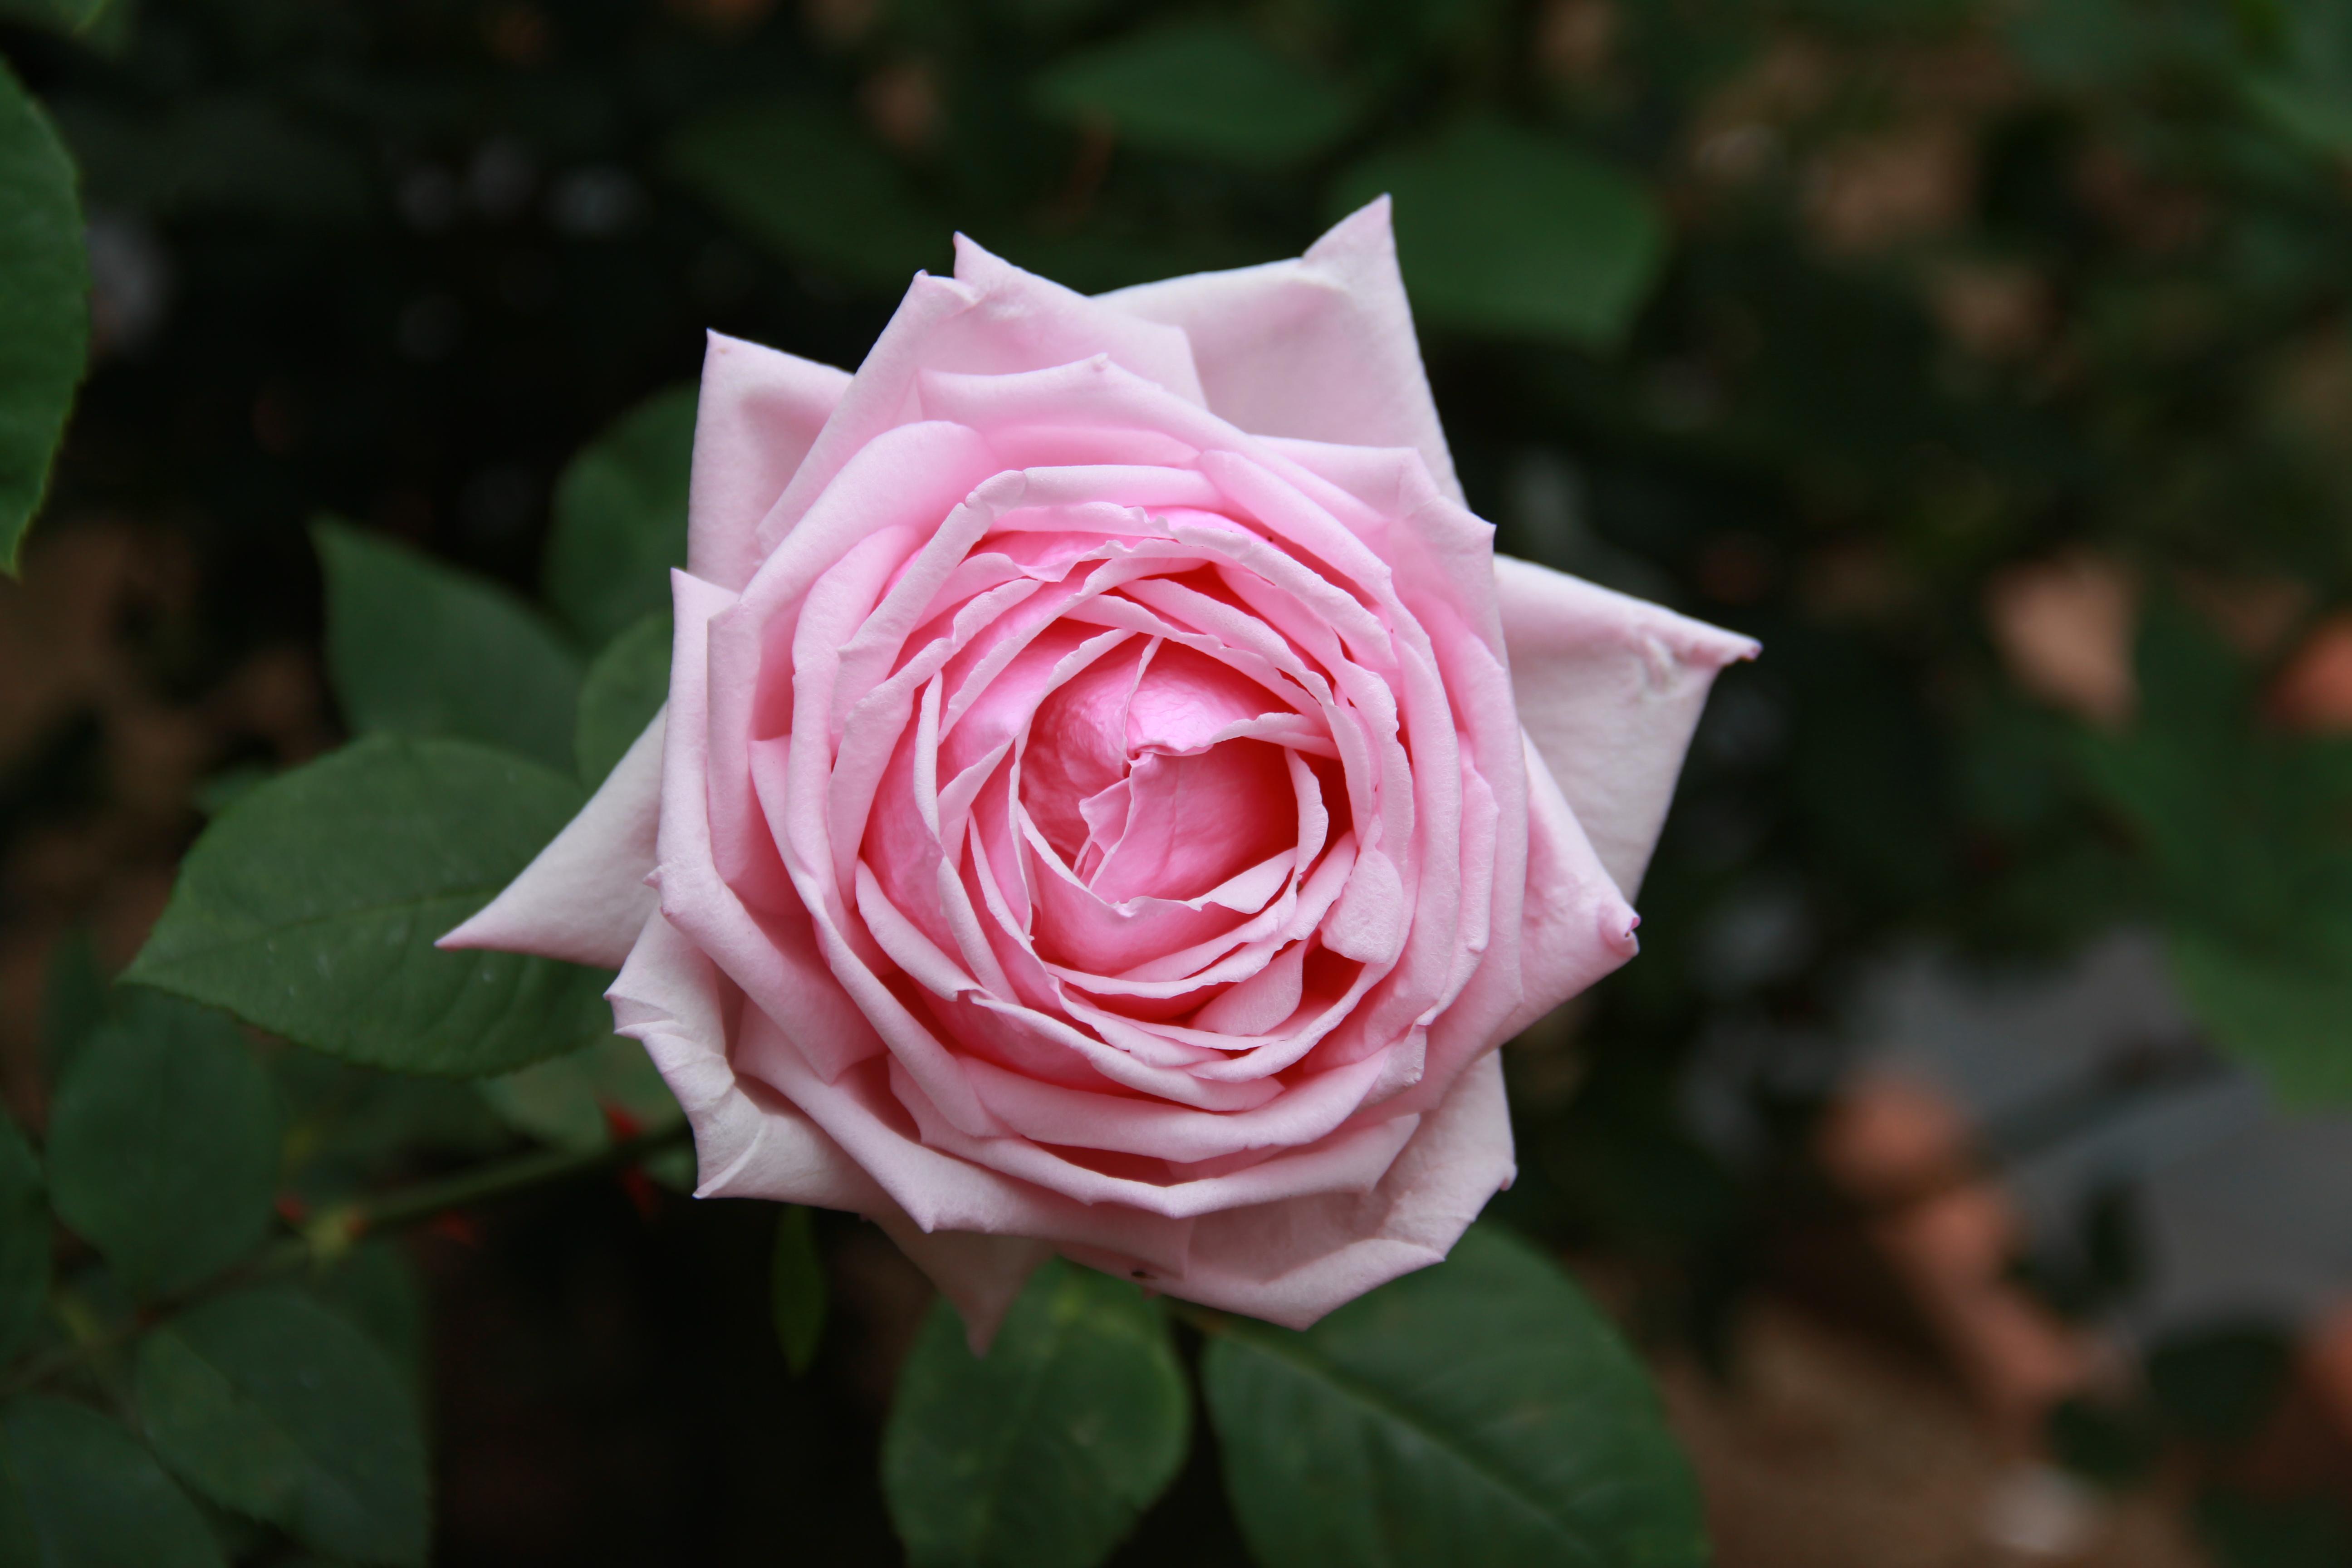 Faire Un Rosier Avec Une Rose la france (rose) — wikipédia